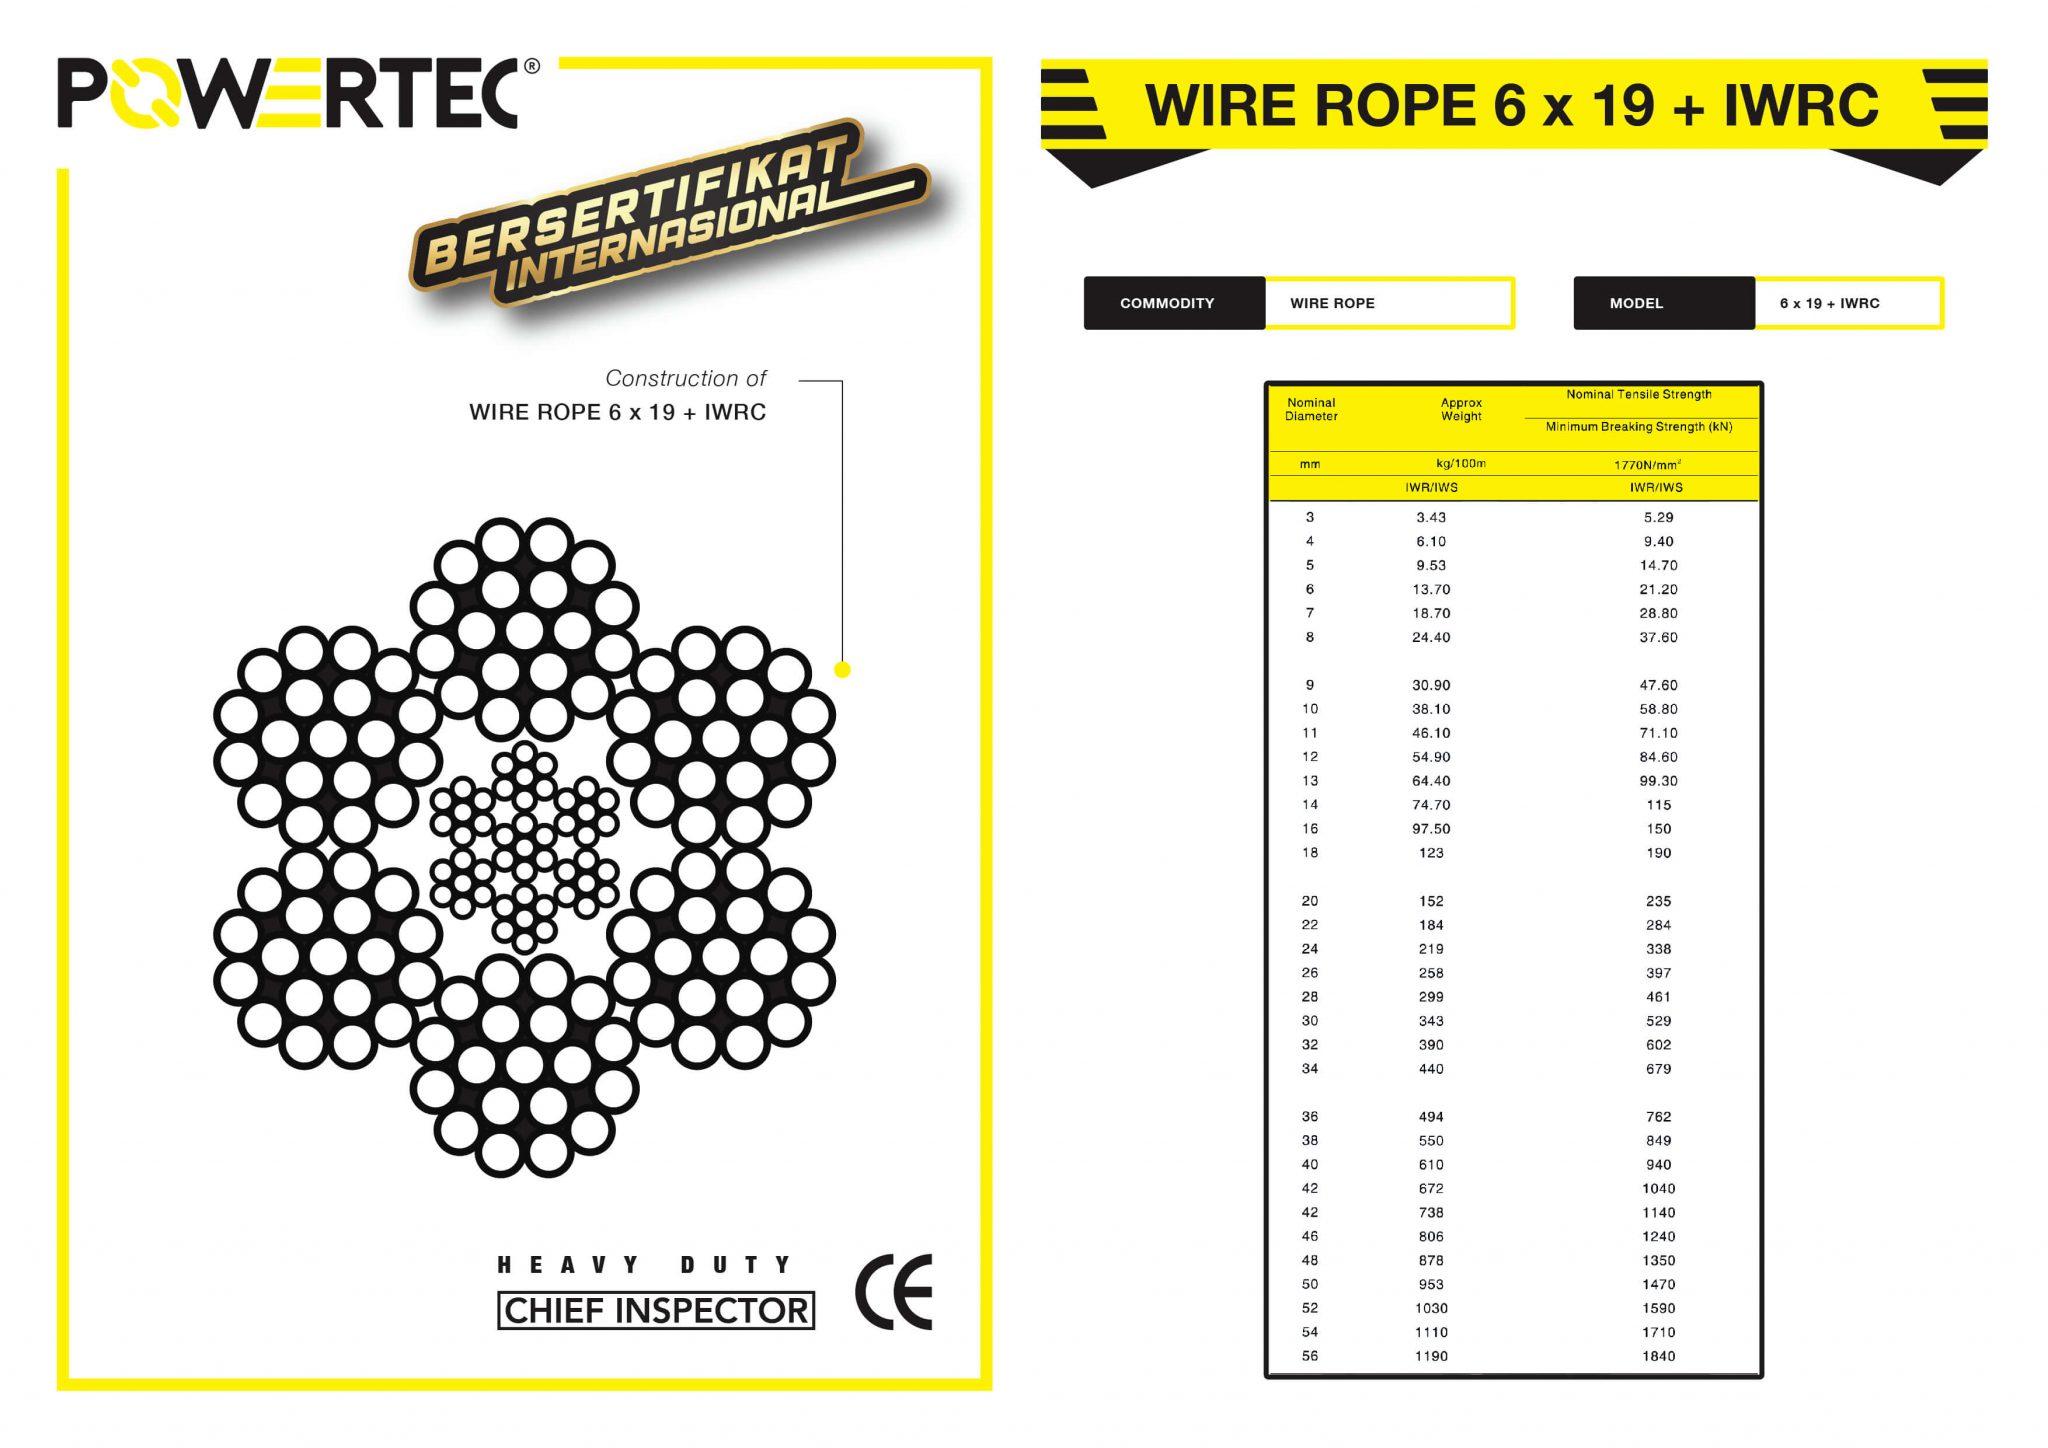 POWERTEC WIRE ROPE 6 x 19 + IWRC BROCHURE